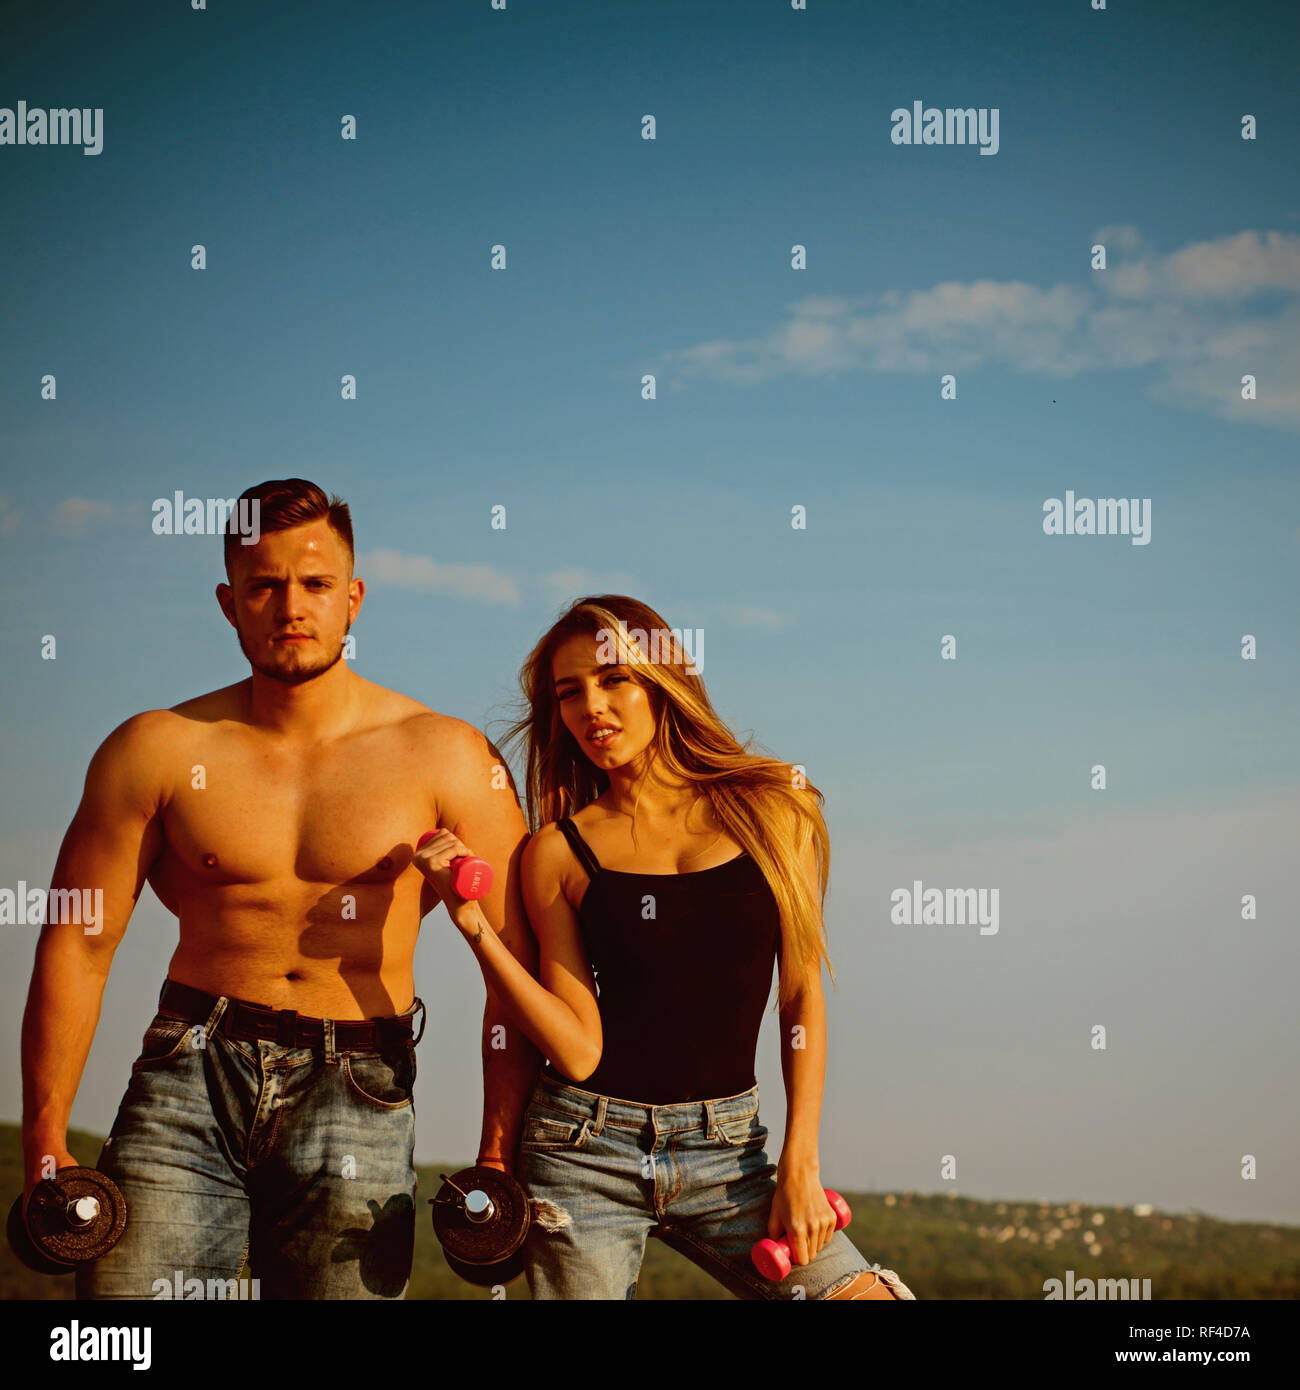 La construcción de músculo y el culturismo. La construcción de músculo ejercicios con pesas para hombre y mujer. Potencia muscular. Y fitness muscular Imagen De Stock